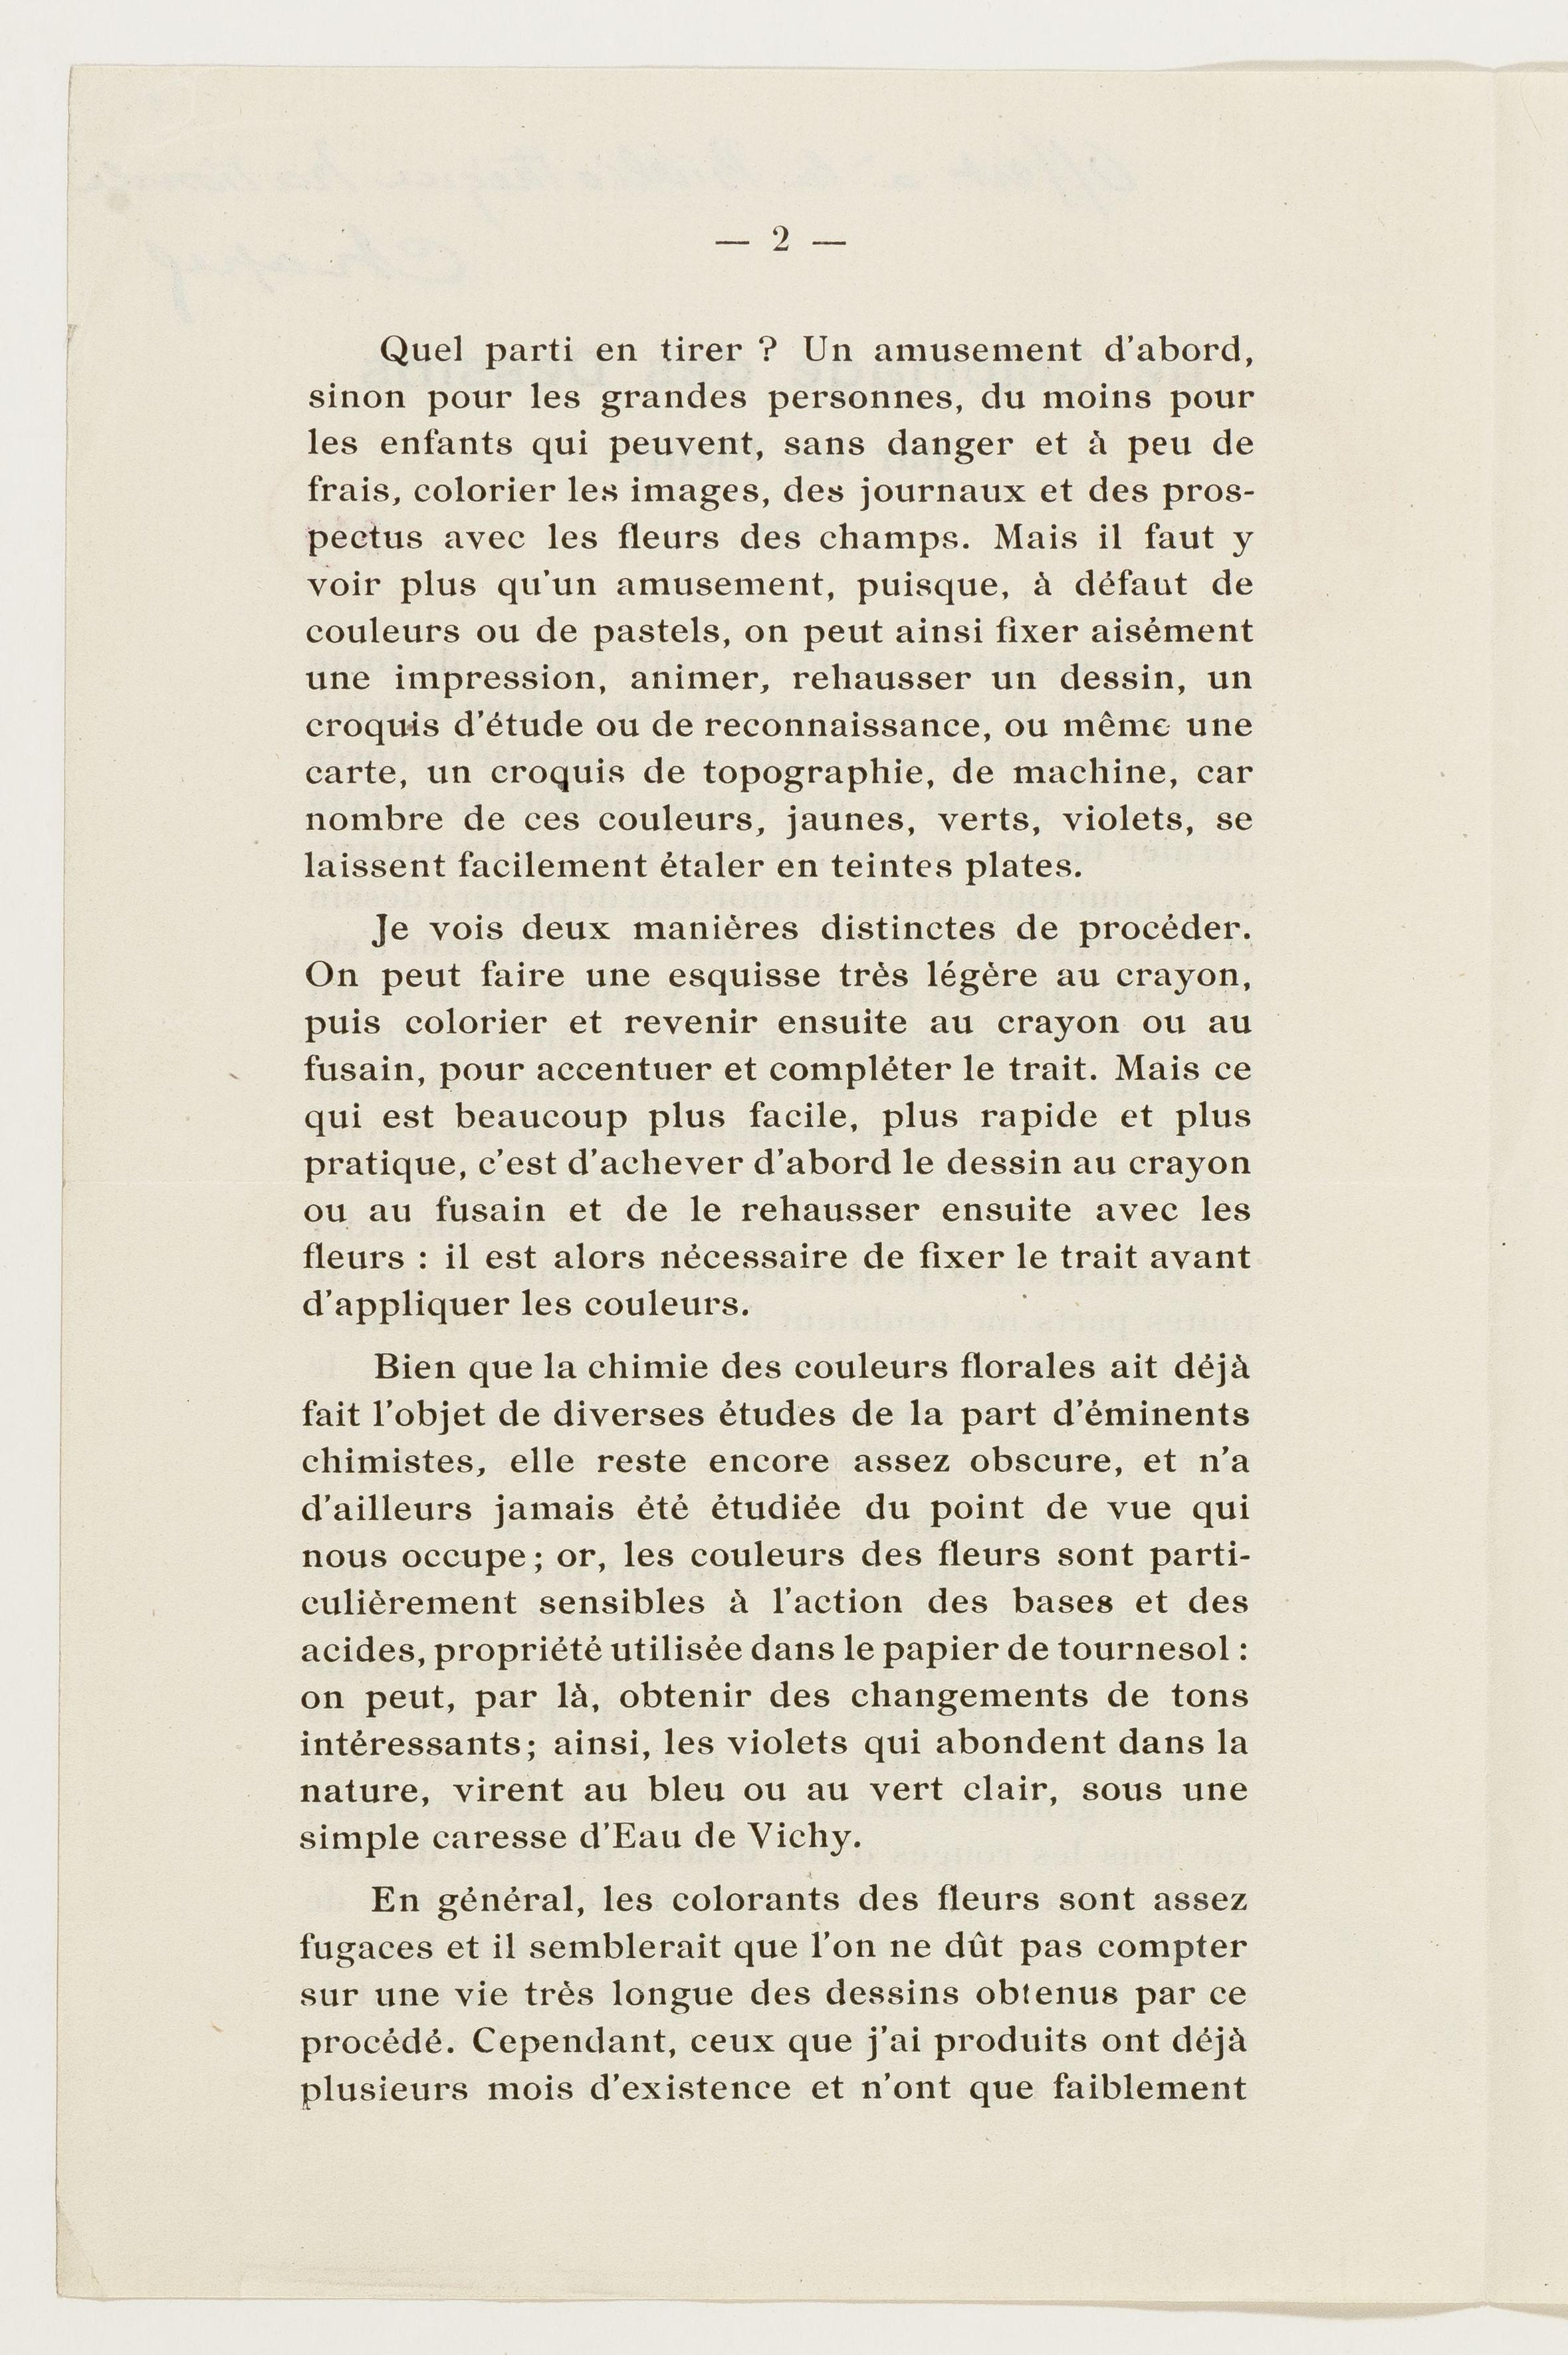 Le Coloriage des dessins par les fleurs  par le Général Chapel - 1921 - Gallica